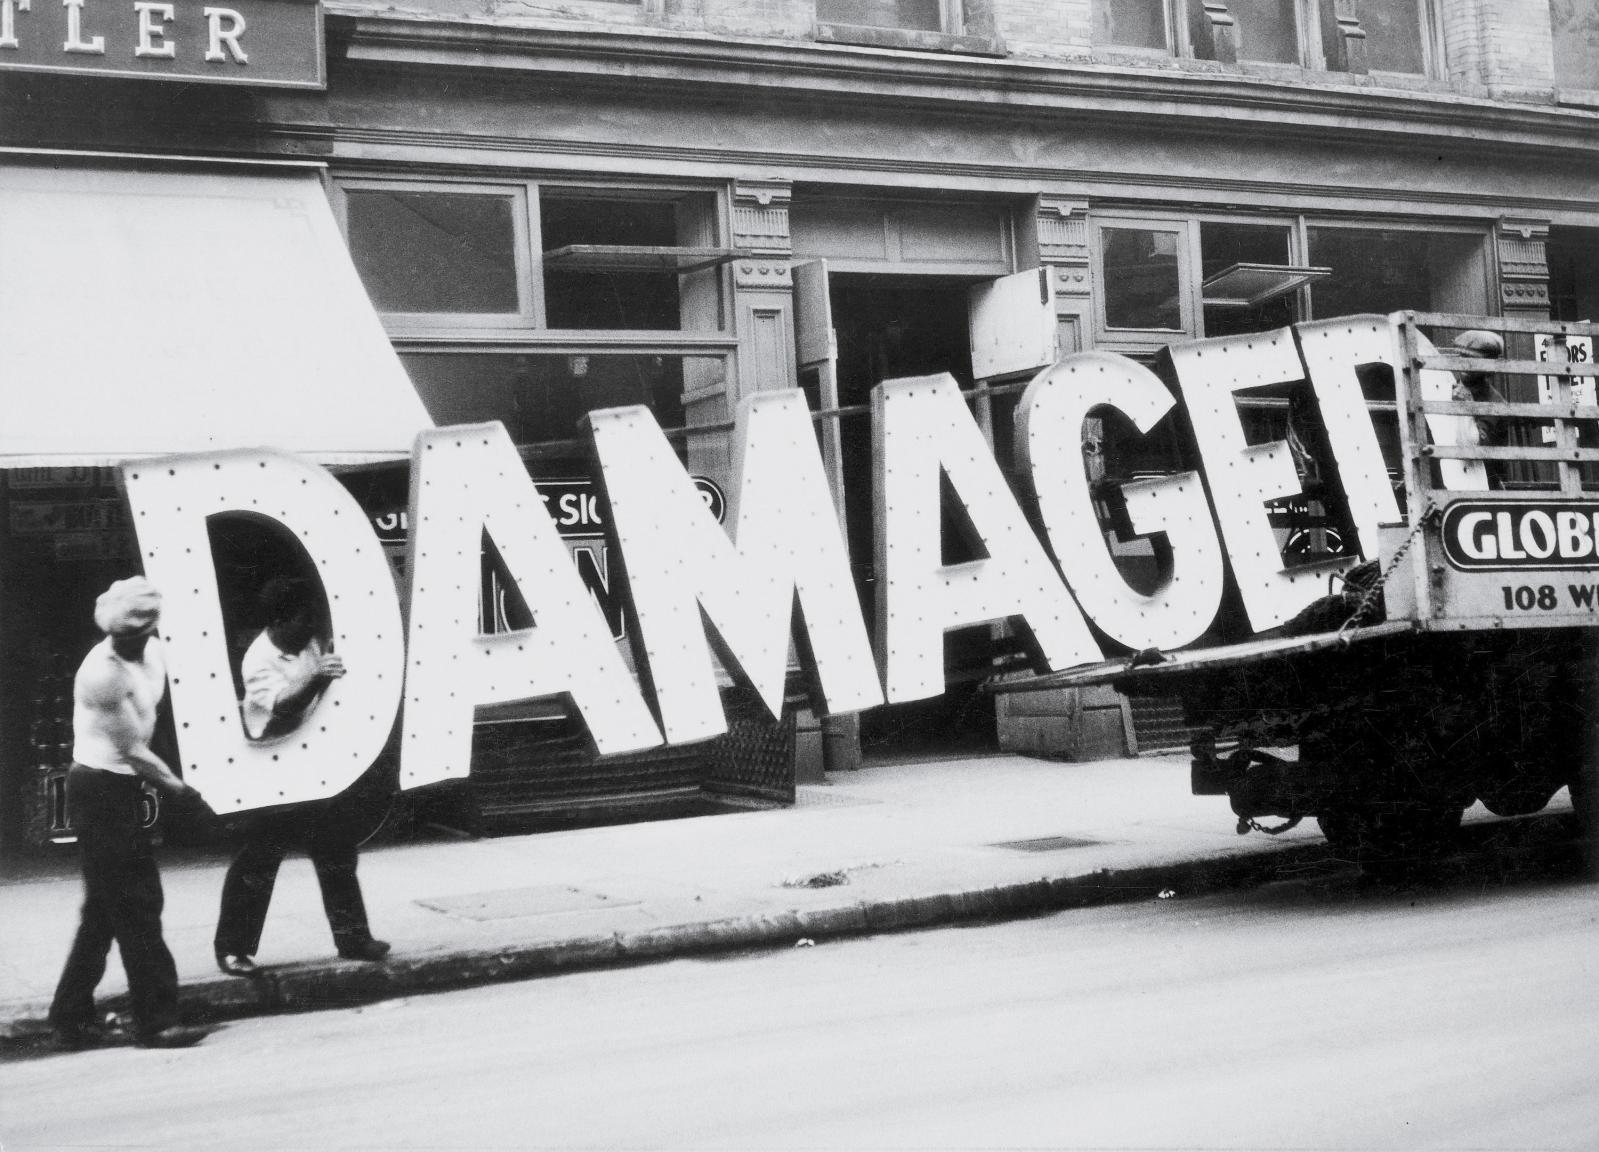 Walker Evans, Truck and Sign, 1928-1930, épreuve gélatino-argentique, 16,5x22,2cm, collection particulière, San Francisco.